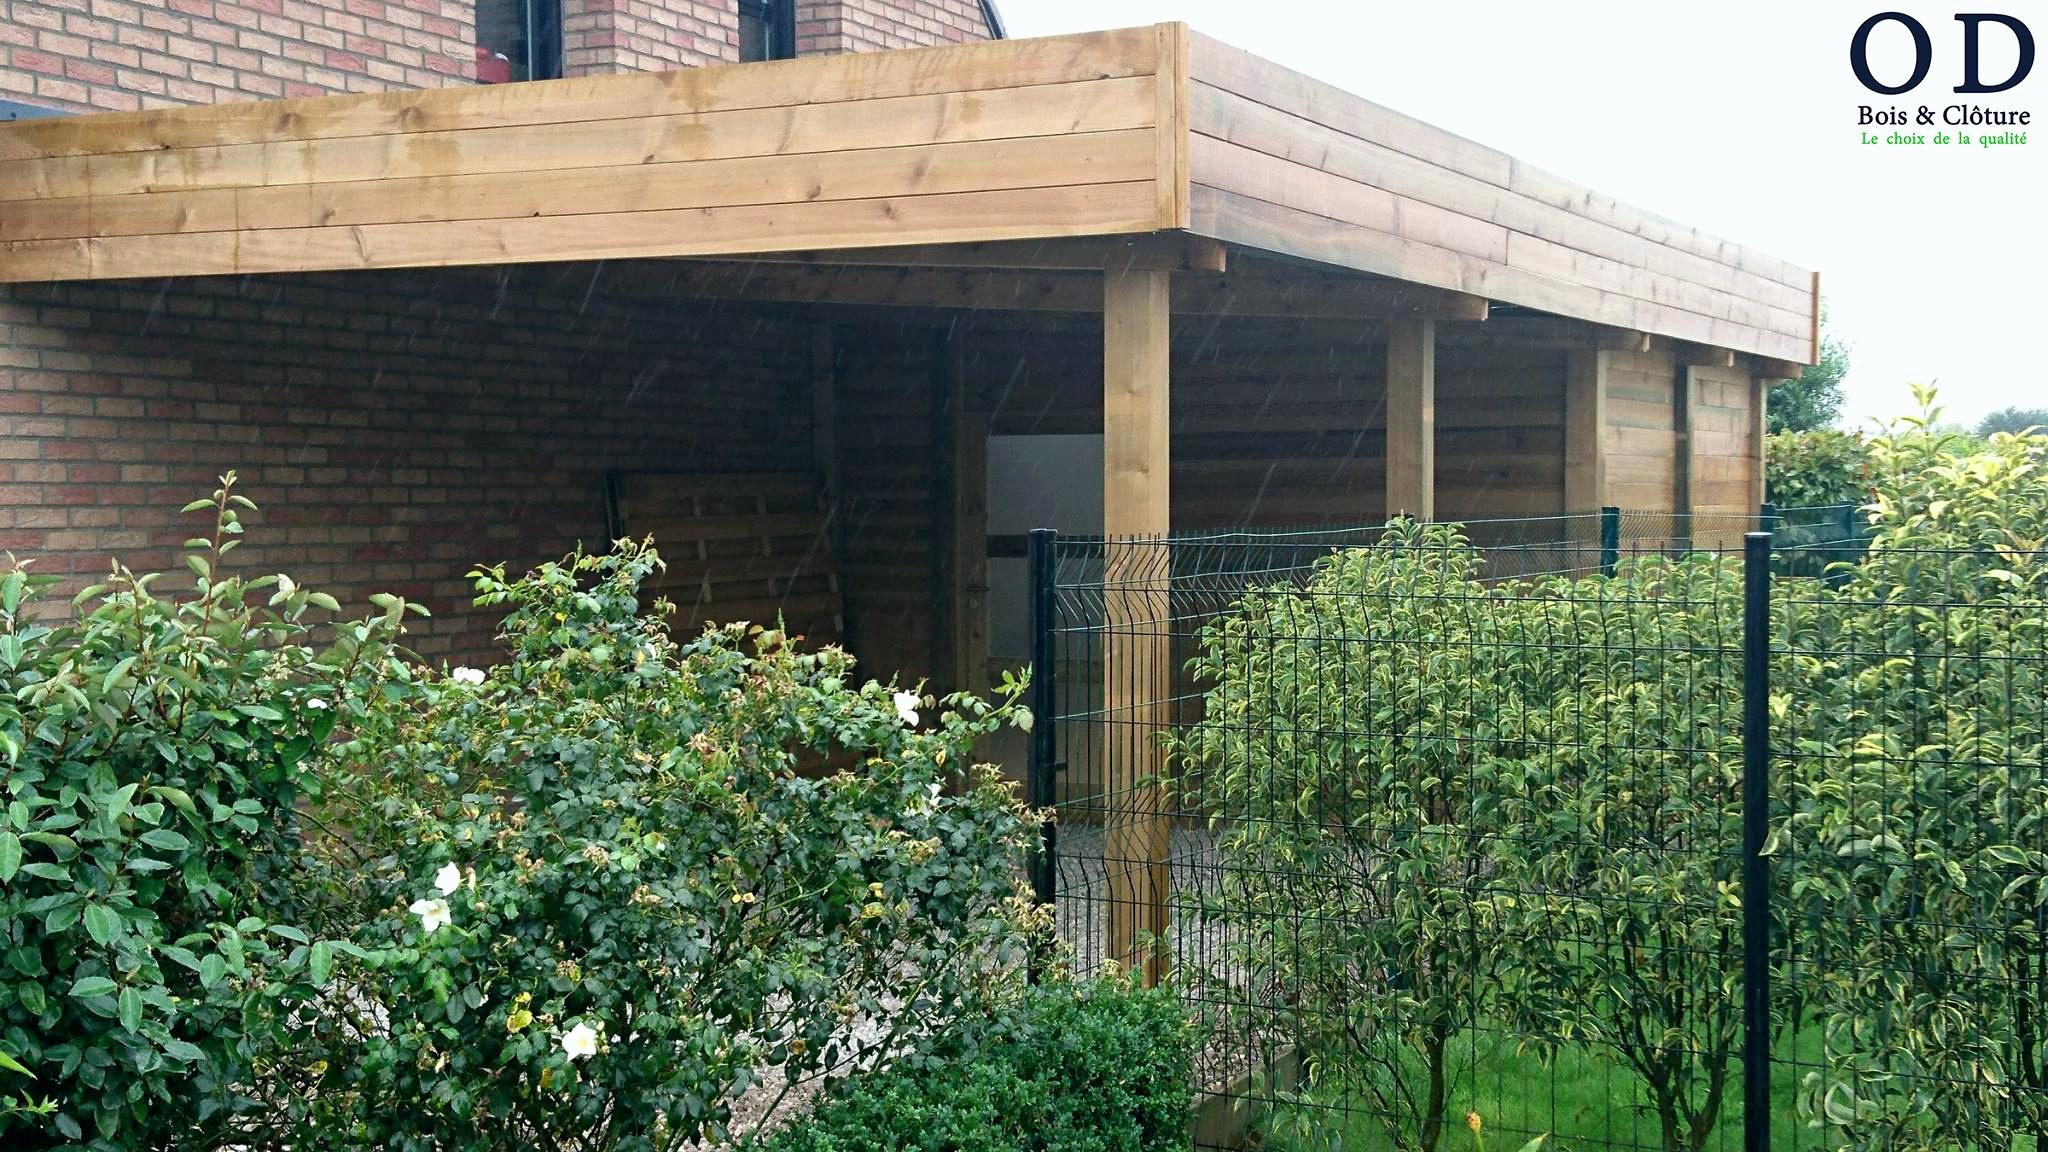 castorama cabane de jardin source dinspiration 69 unique de abris jardin bois castorama of castorama cabane de jardin